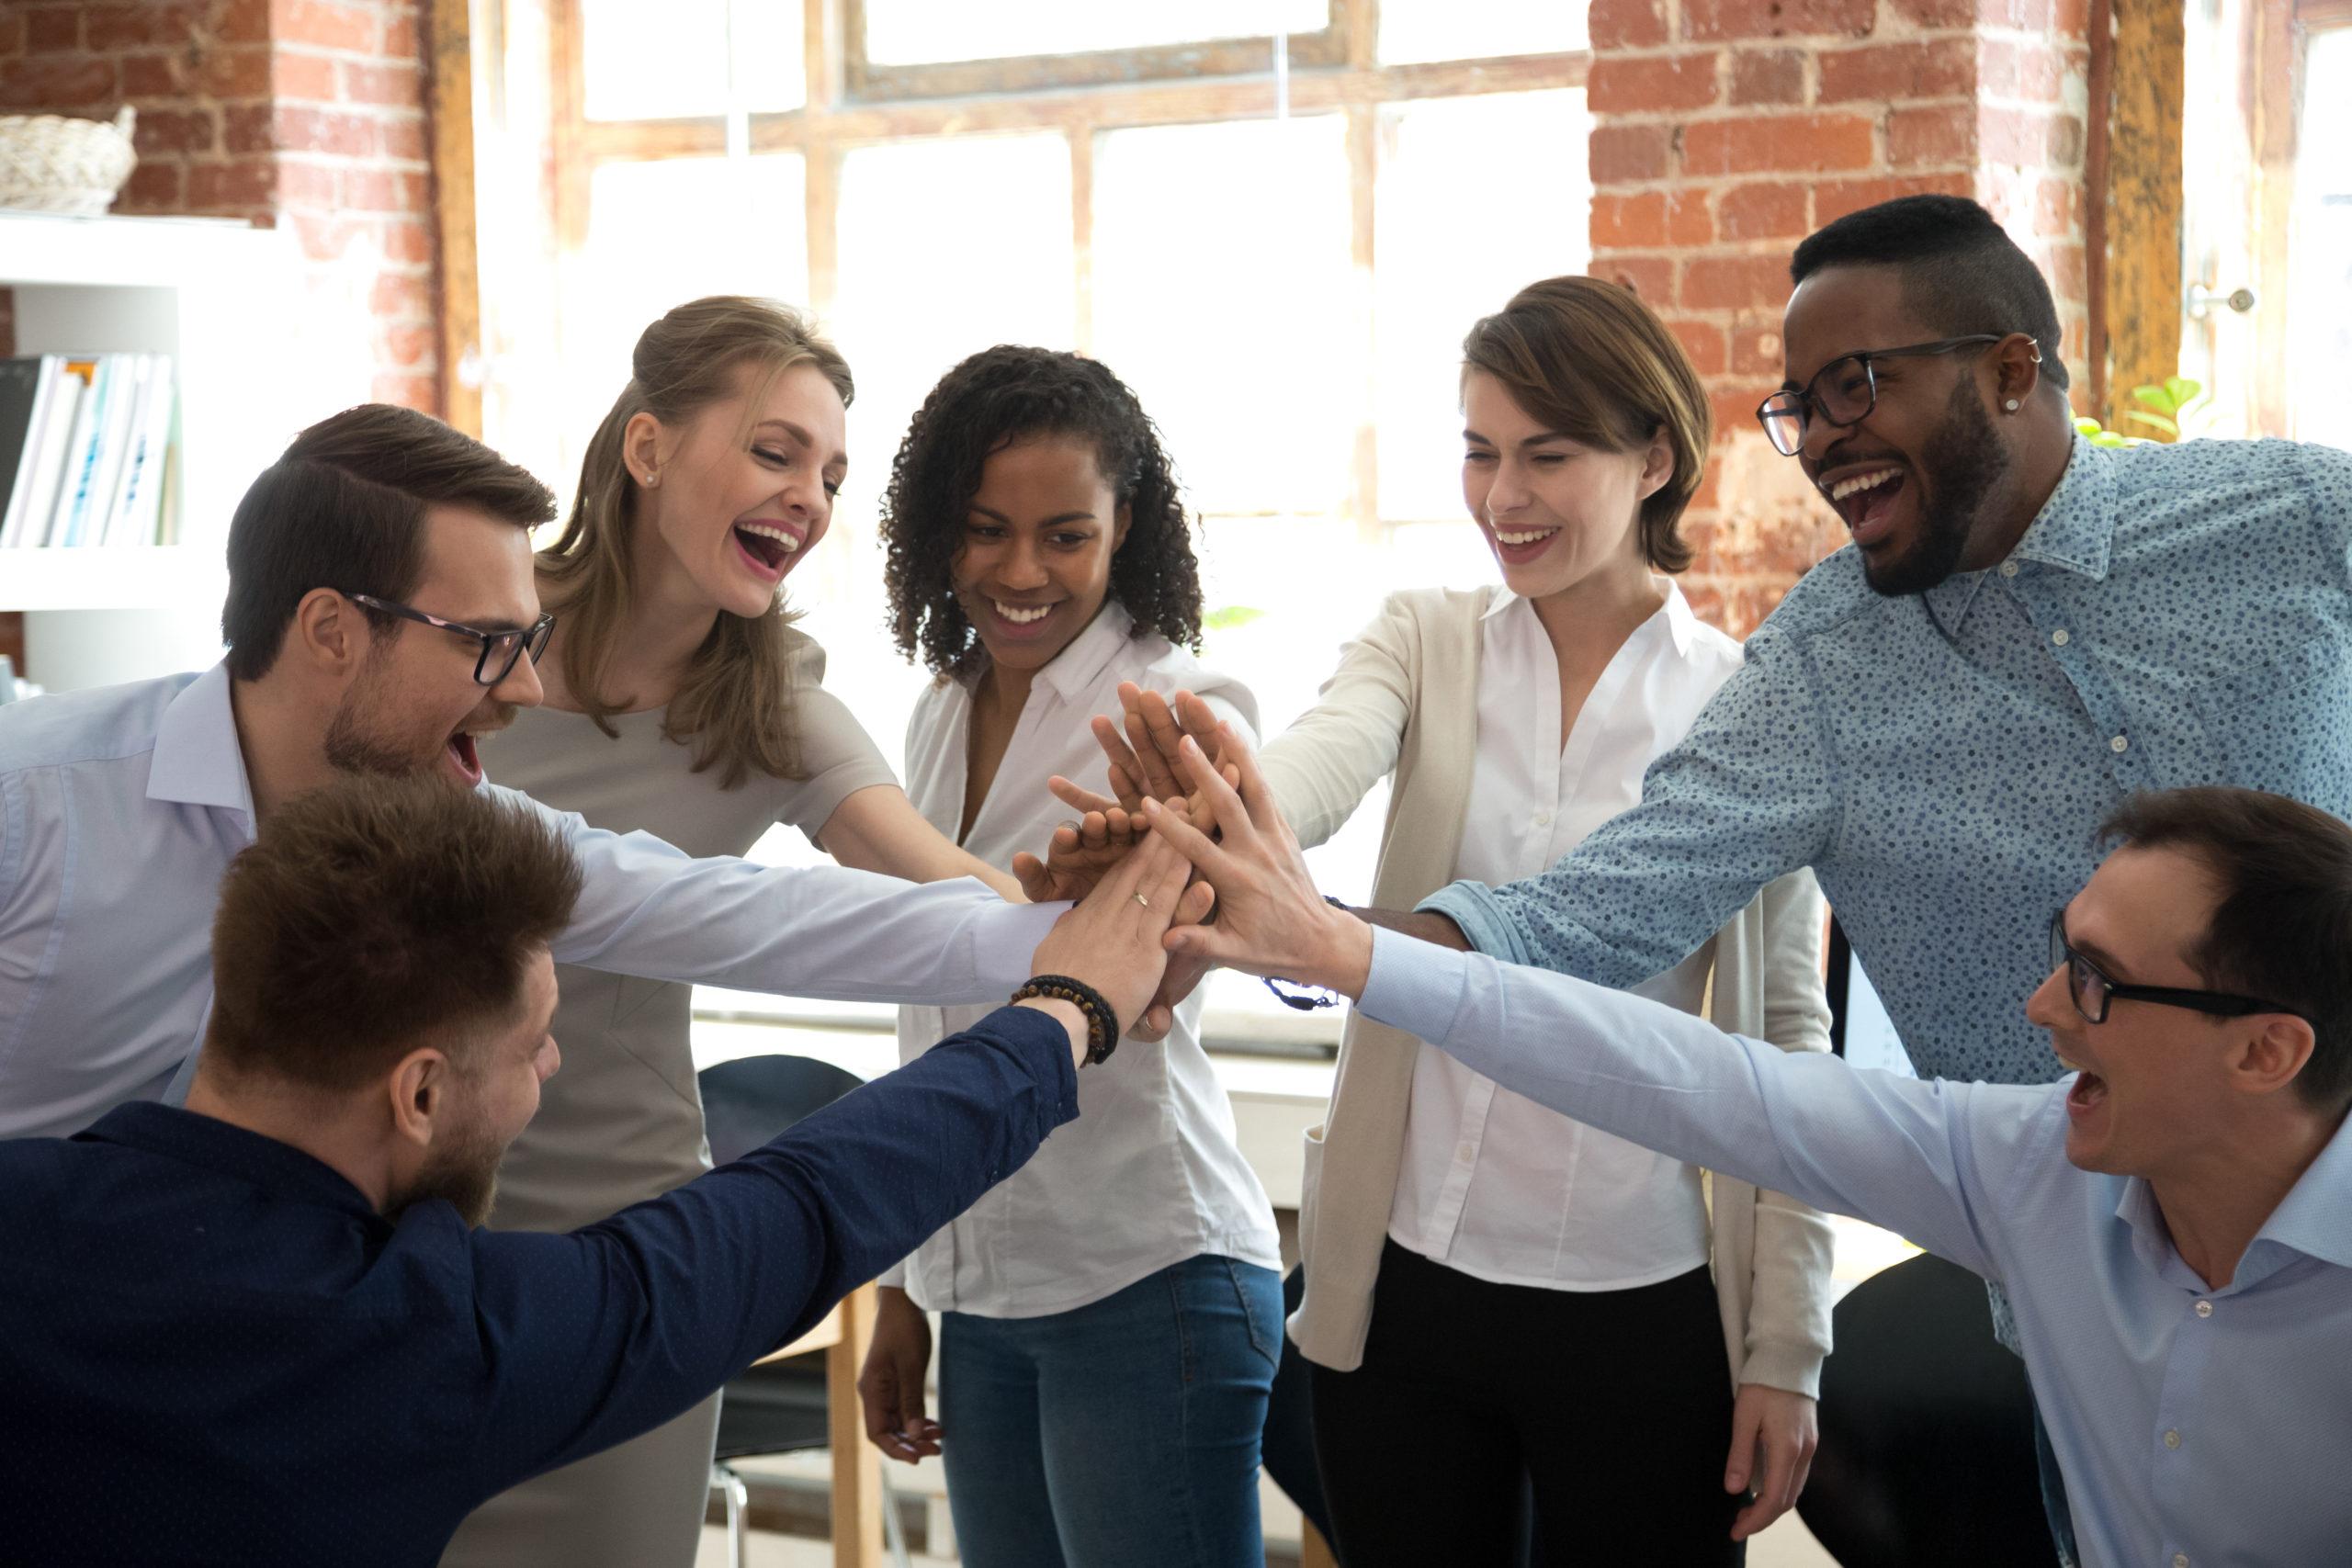 Good Job Performance Management Techniques for Entrepreneurs